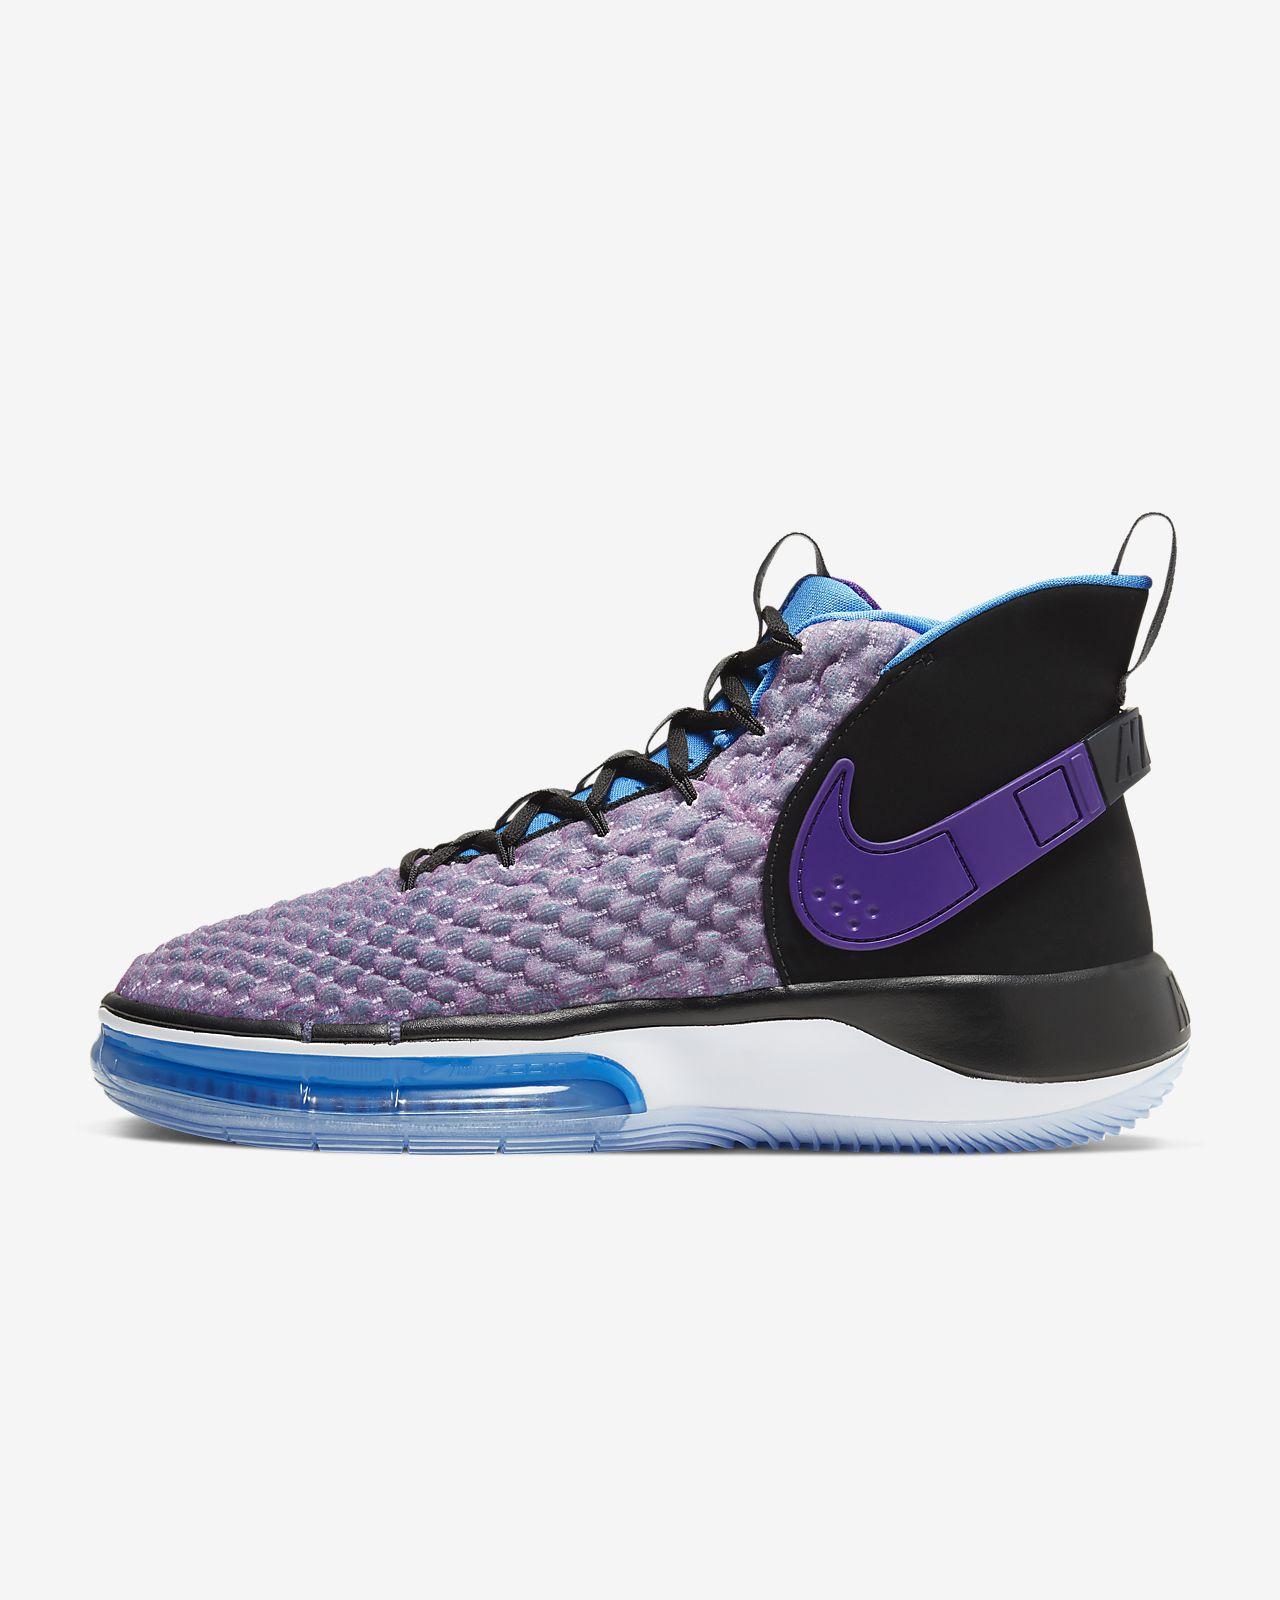 รองเท้าบาสเก็ตบอล Nike AlphaDunk